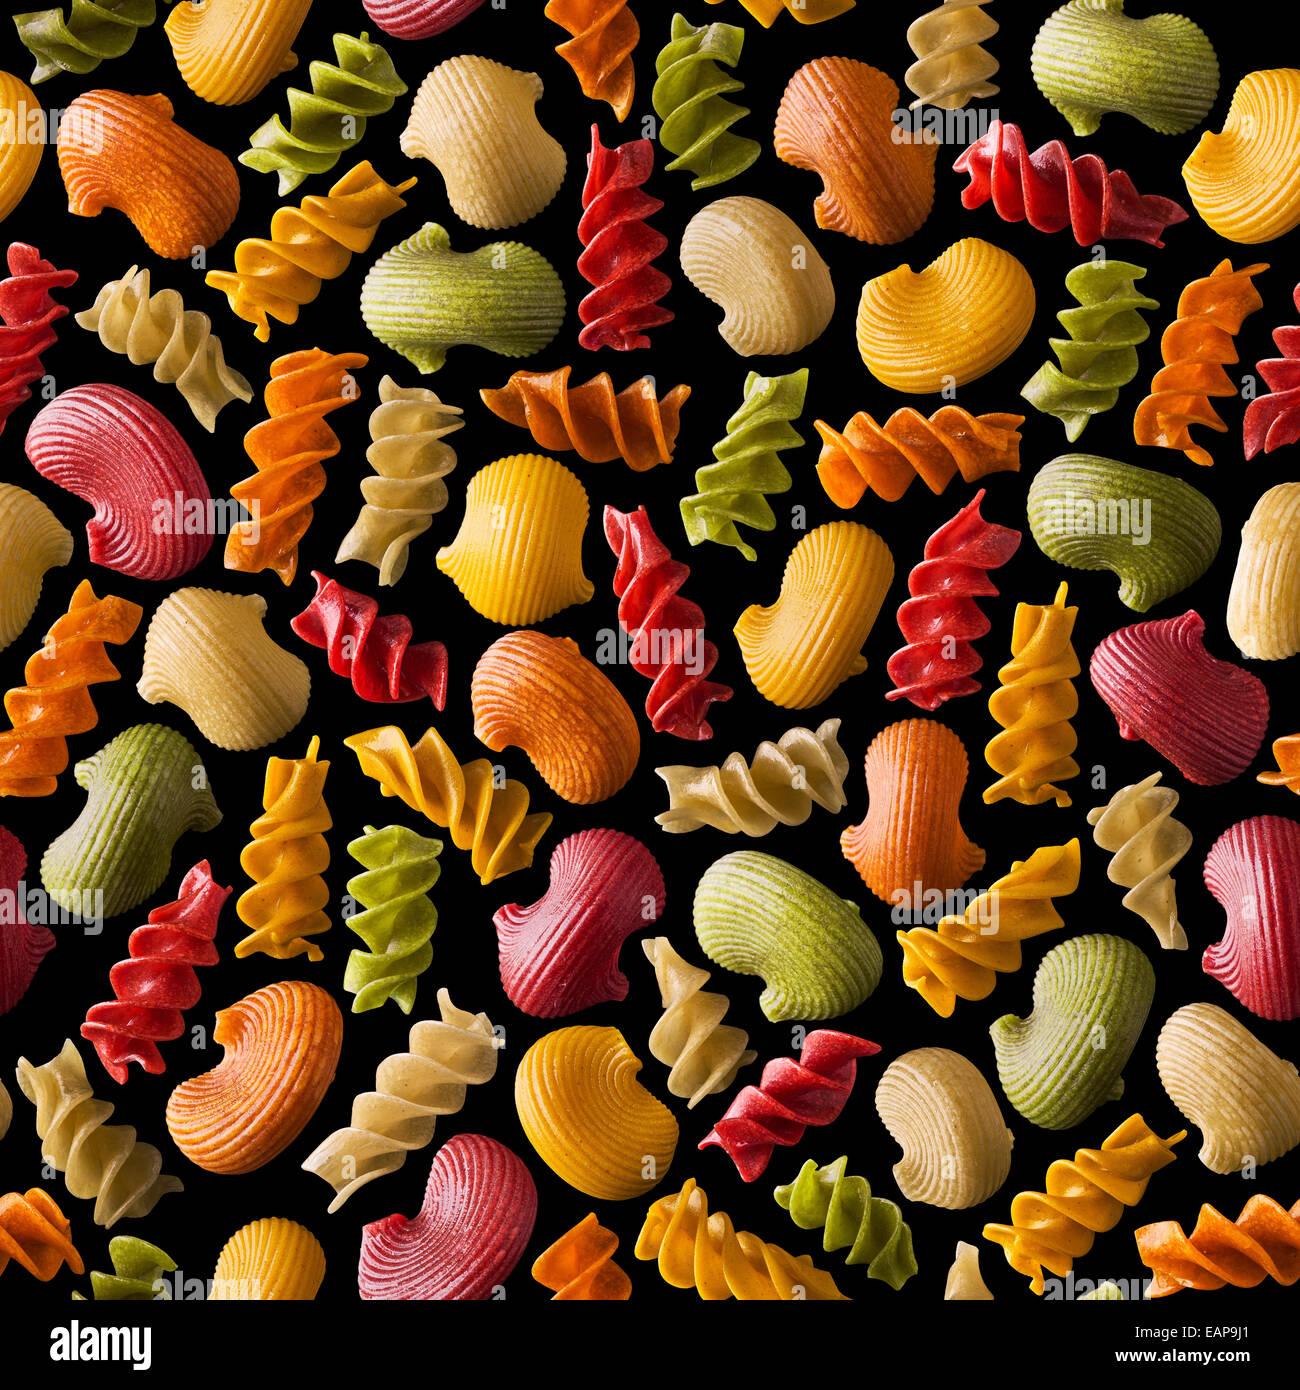 nahtlose Textur mit bunten Nudeln Stockbild